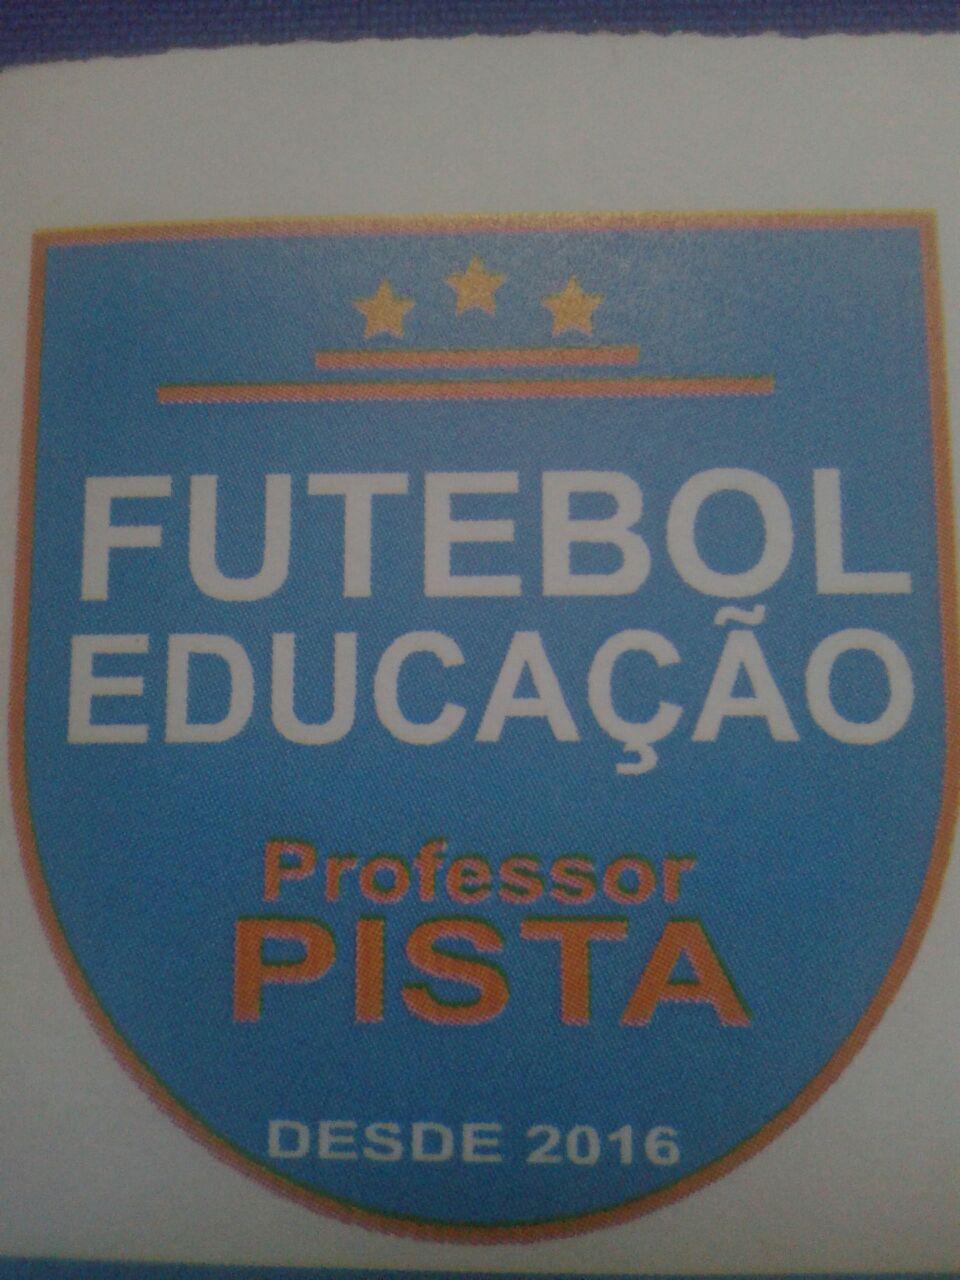 PROFESSOR PISTA